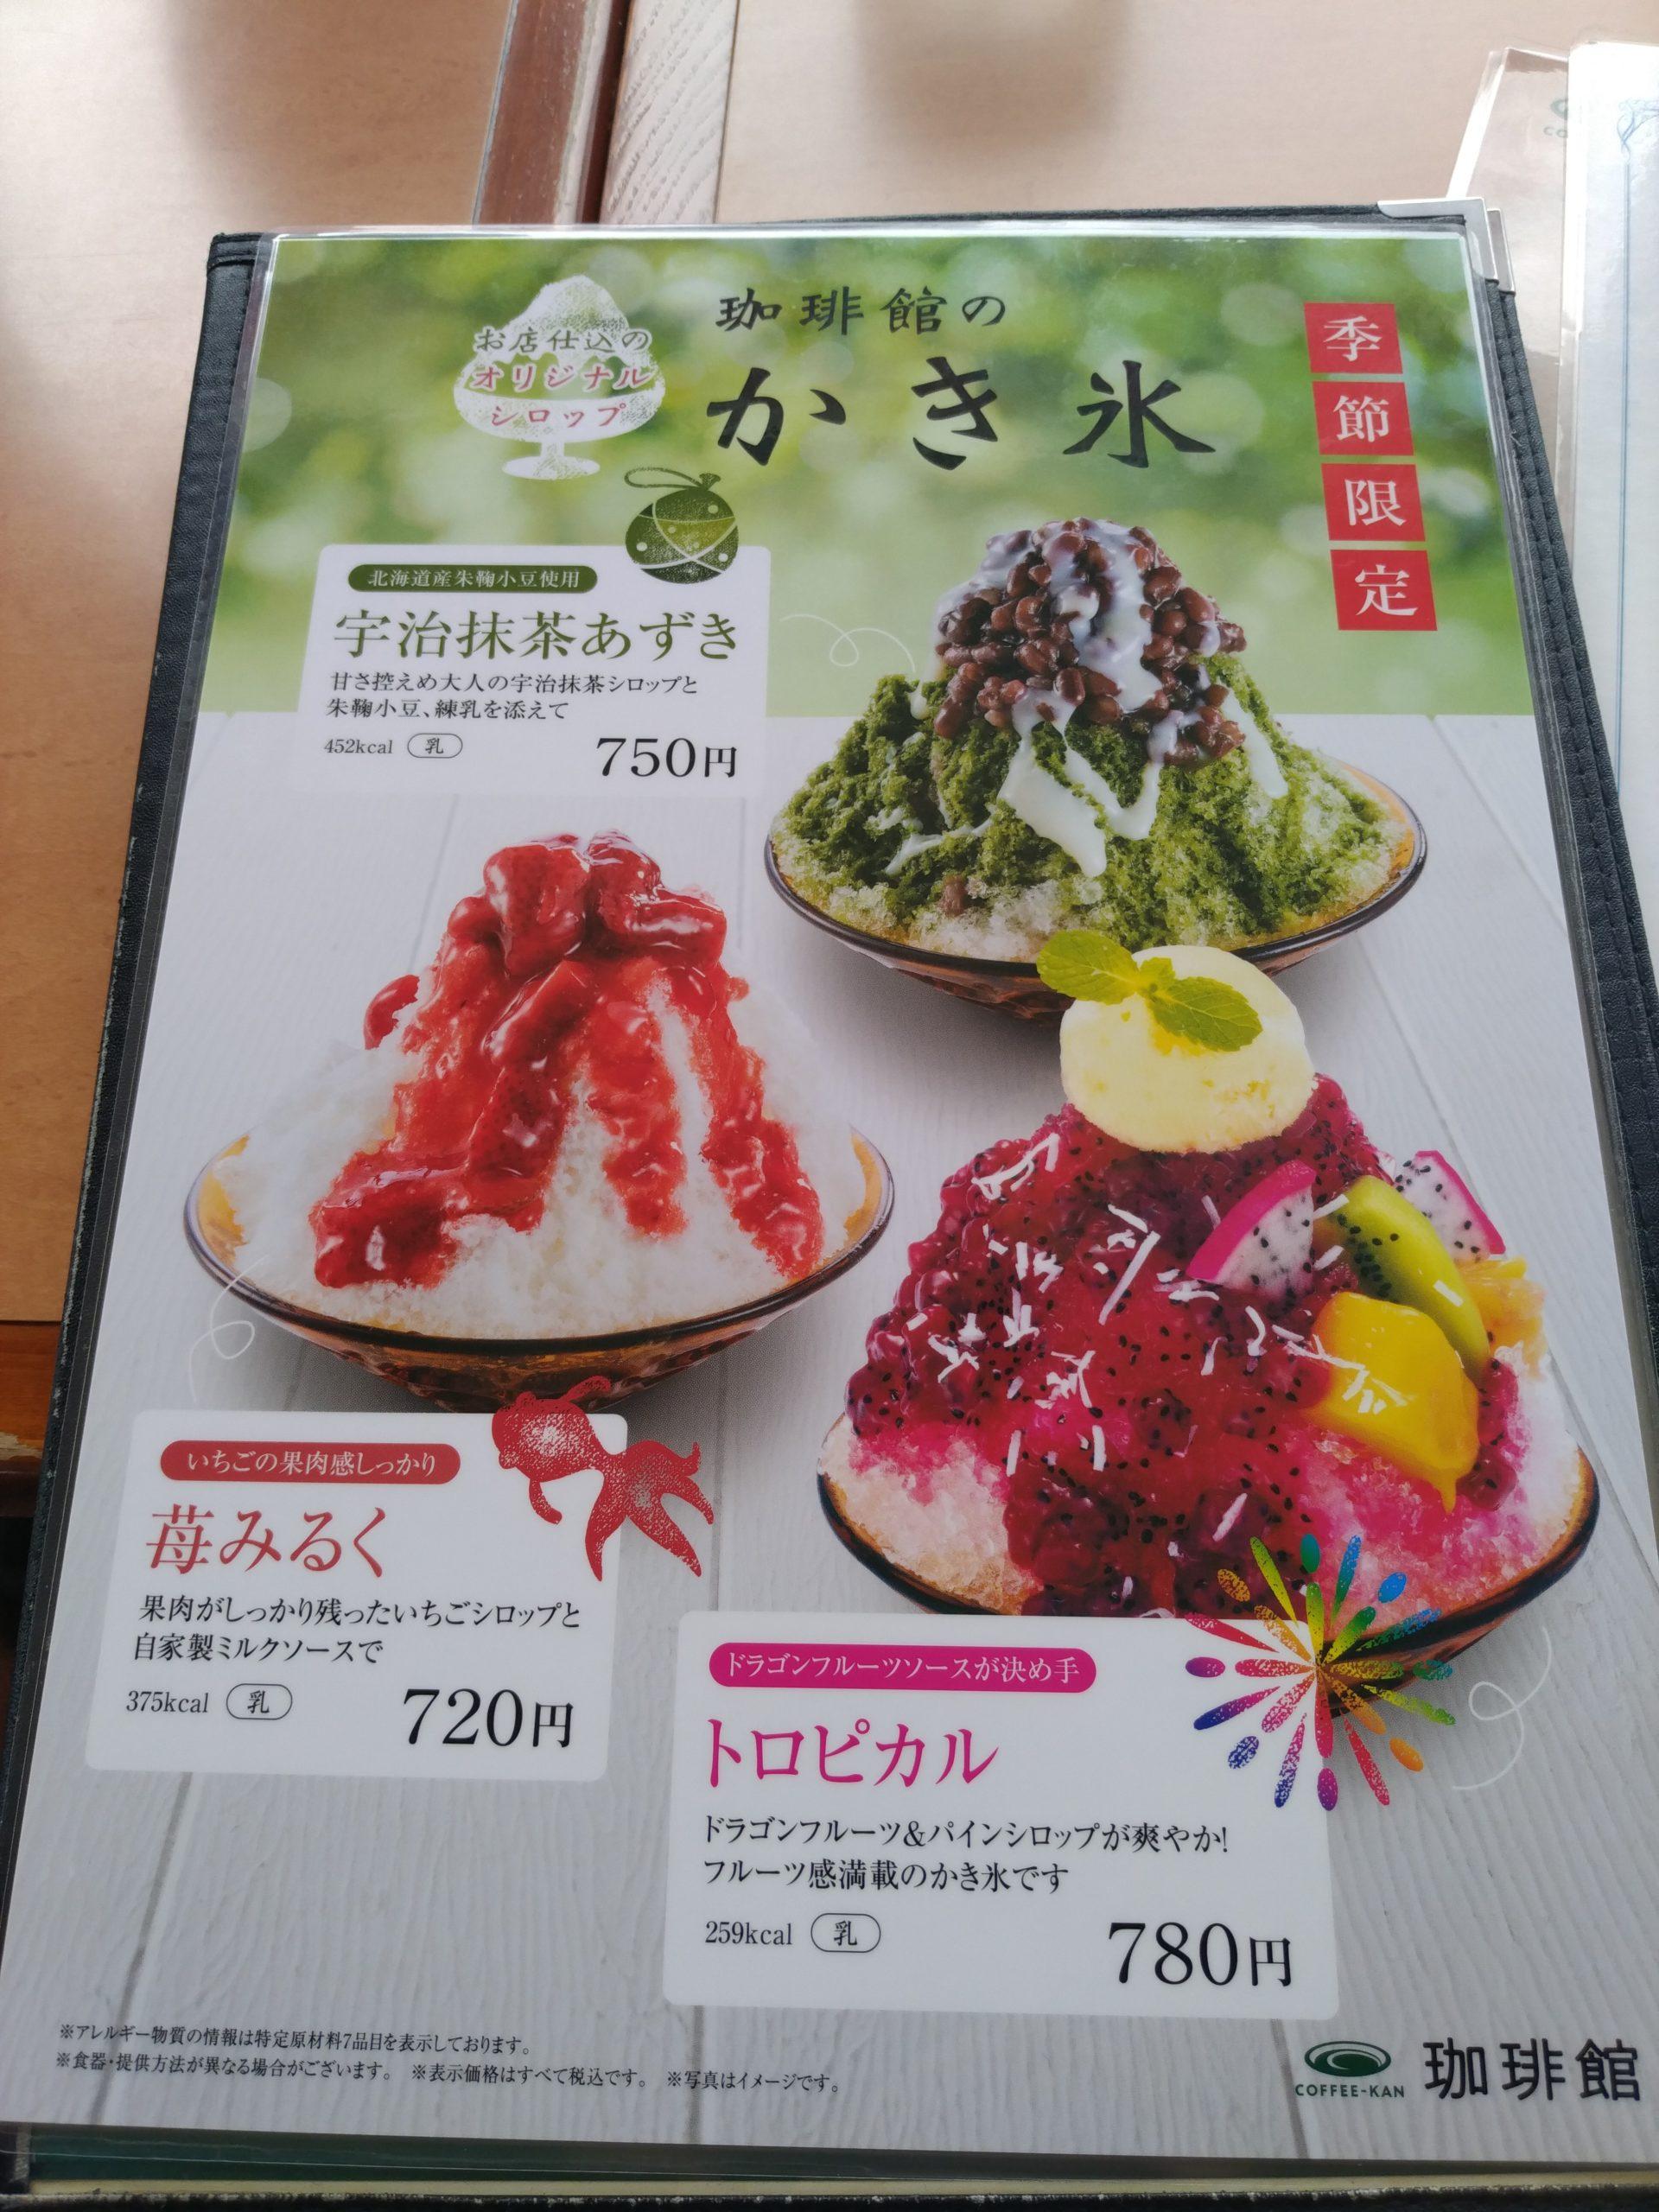 厚切りシナモントースト 珈琲館 かき氷